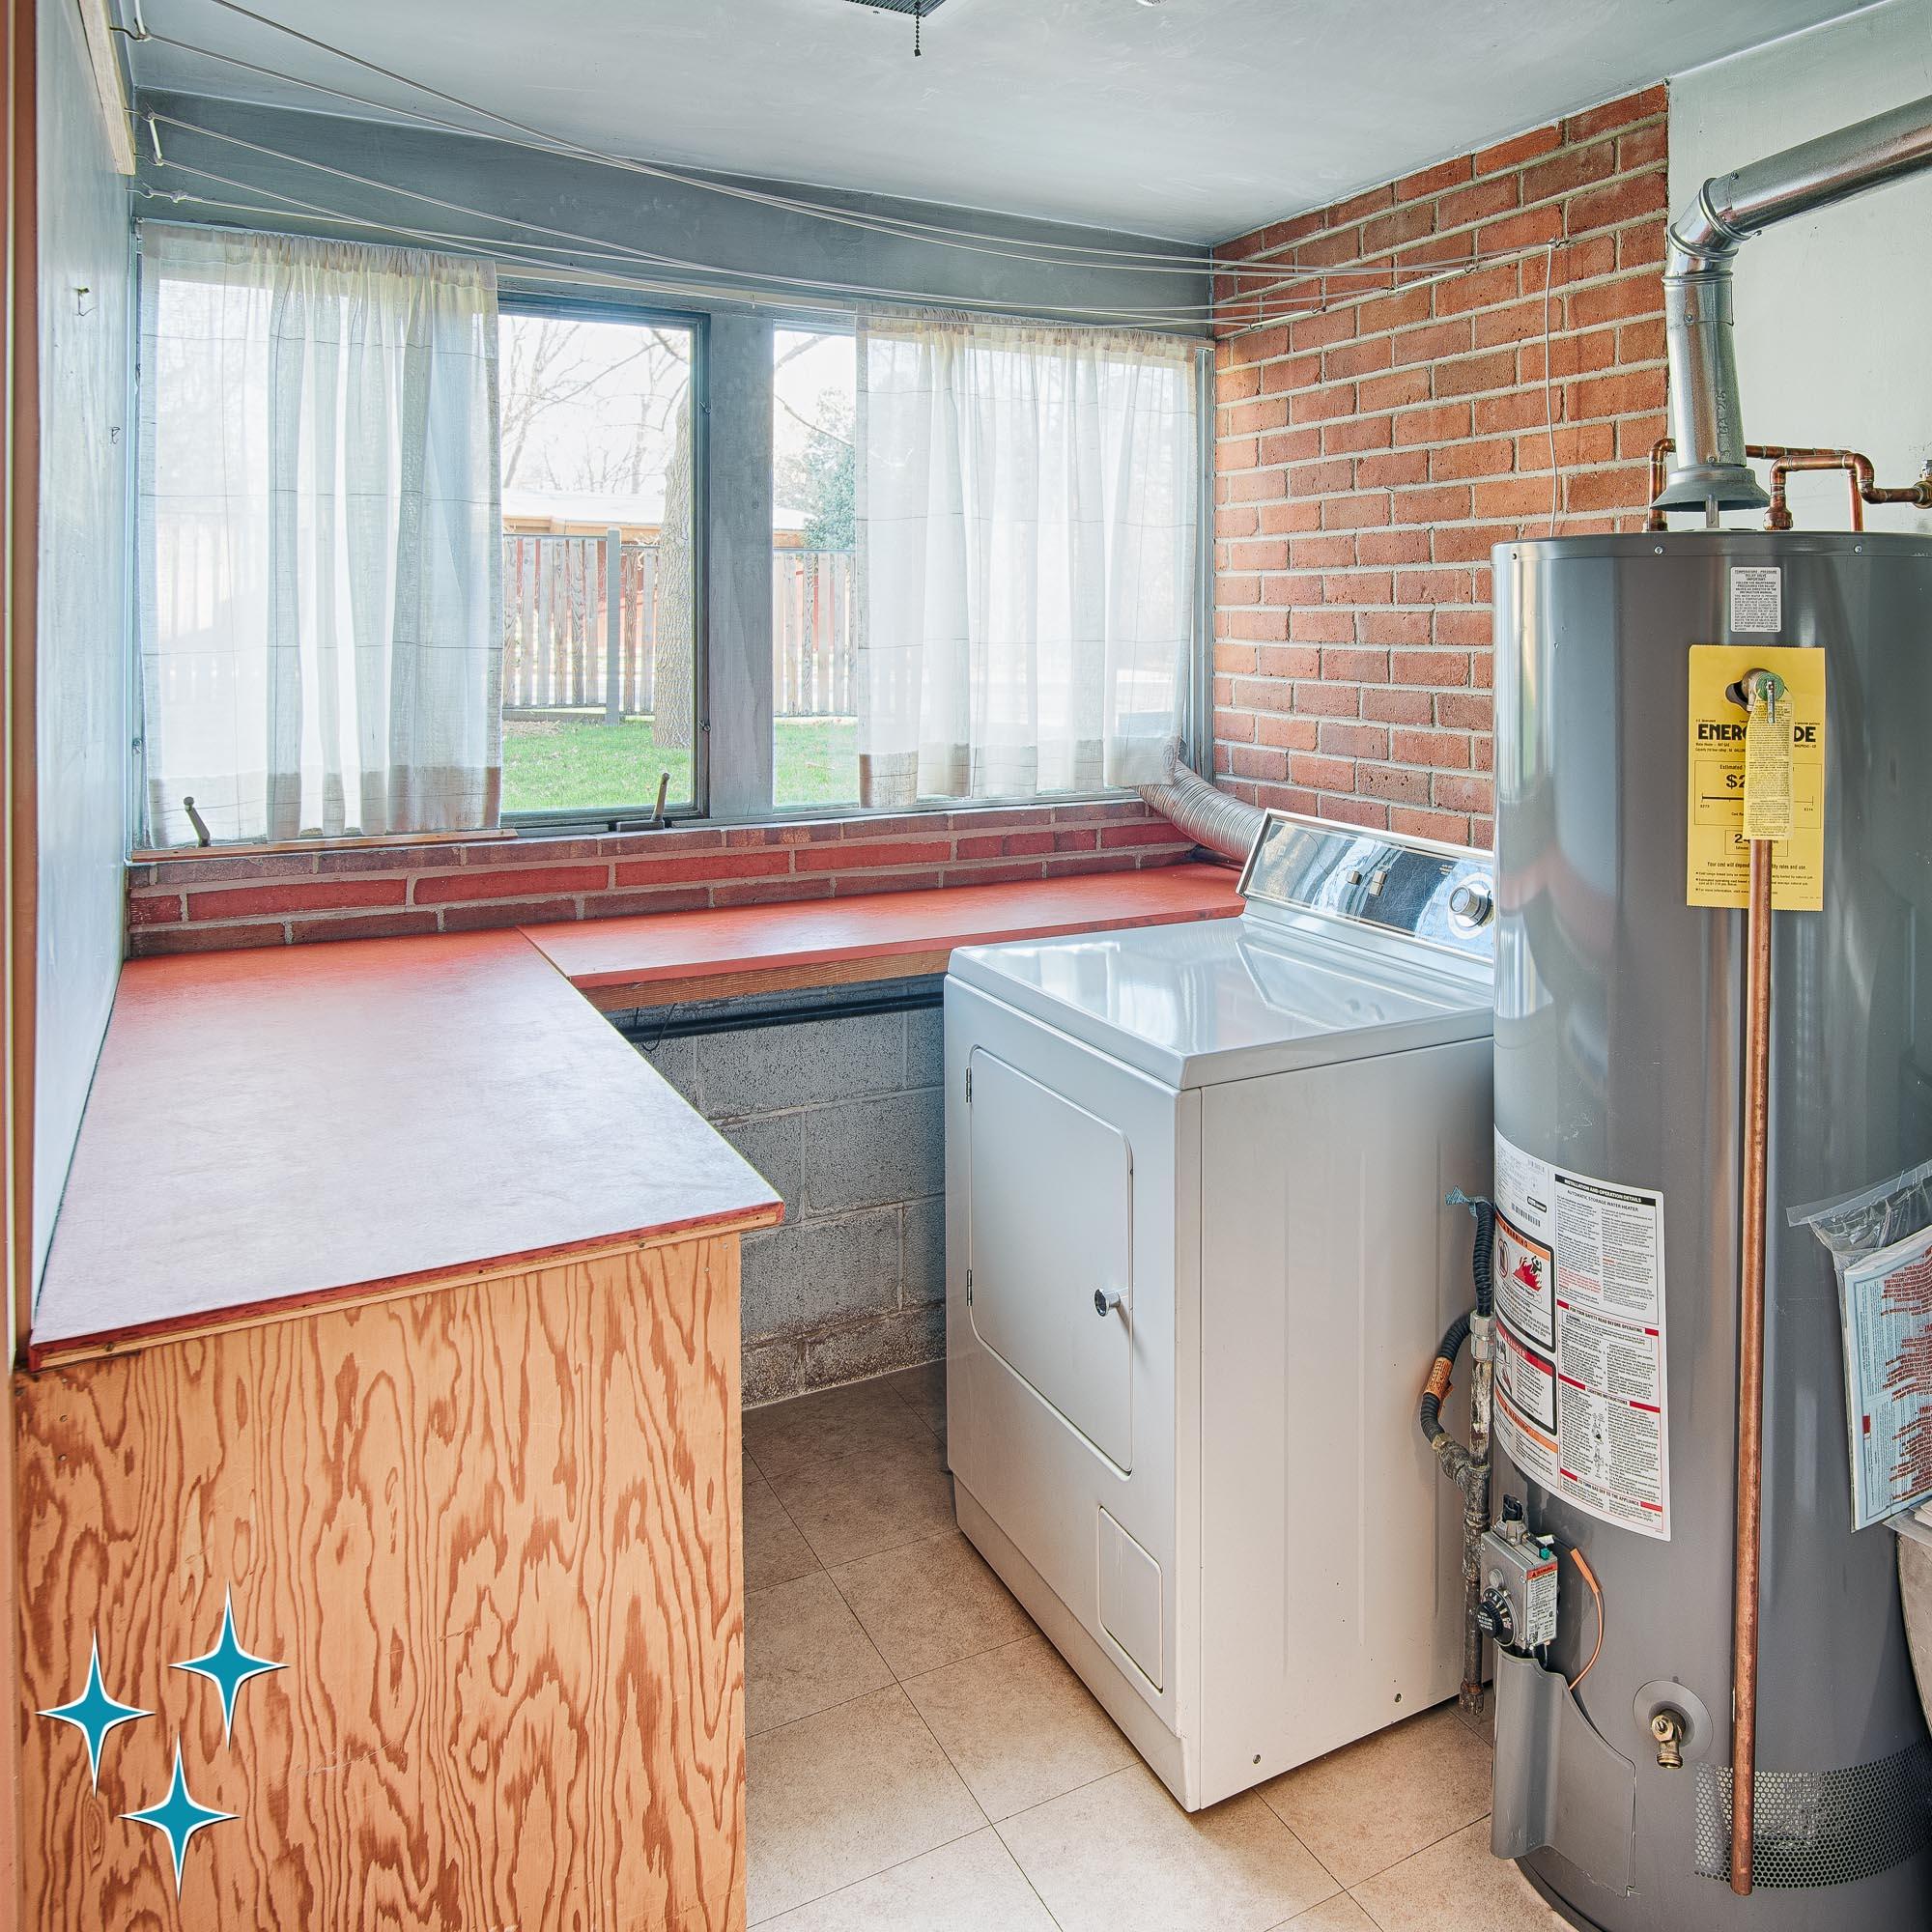 Adrian-Kinney-2403-S-Dahlia-Lane-Eugene-Sternberg-2000w50-3swm-38.jpg